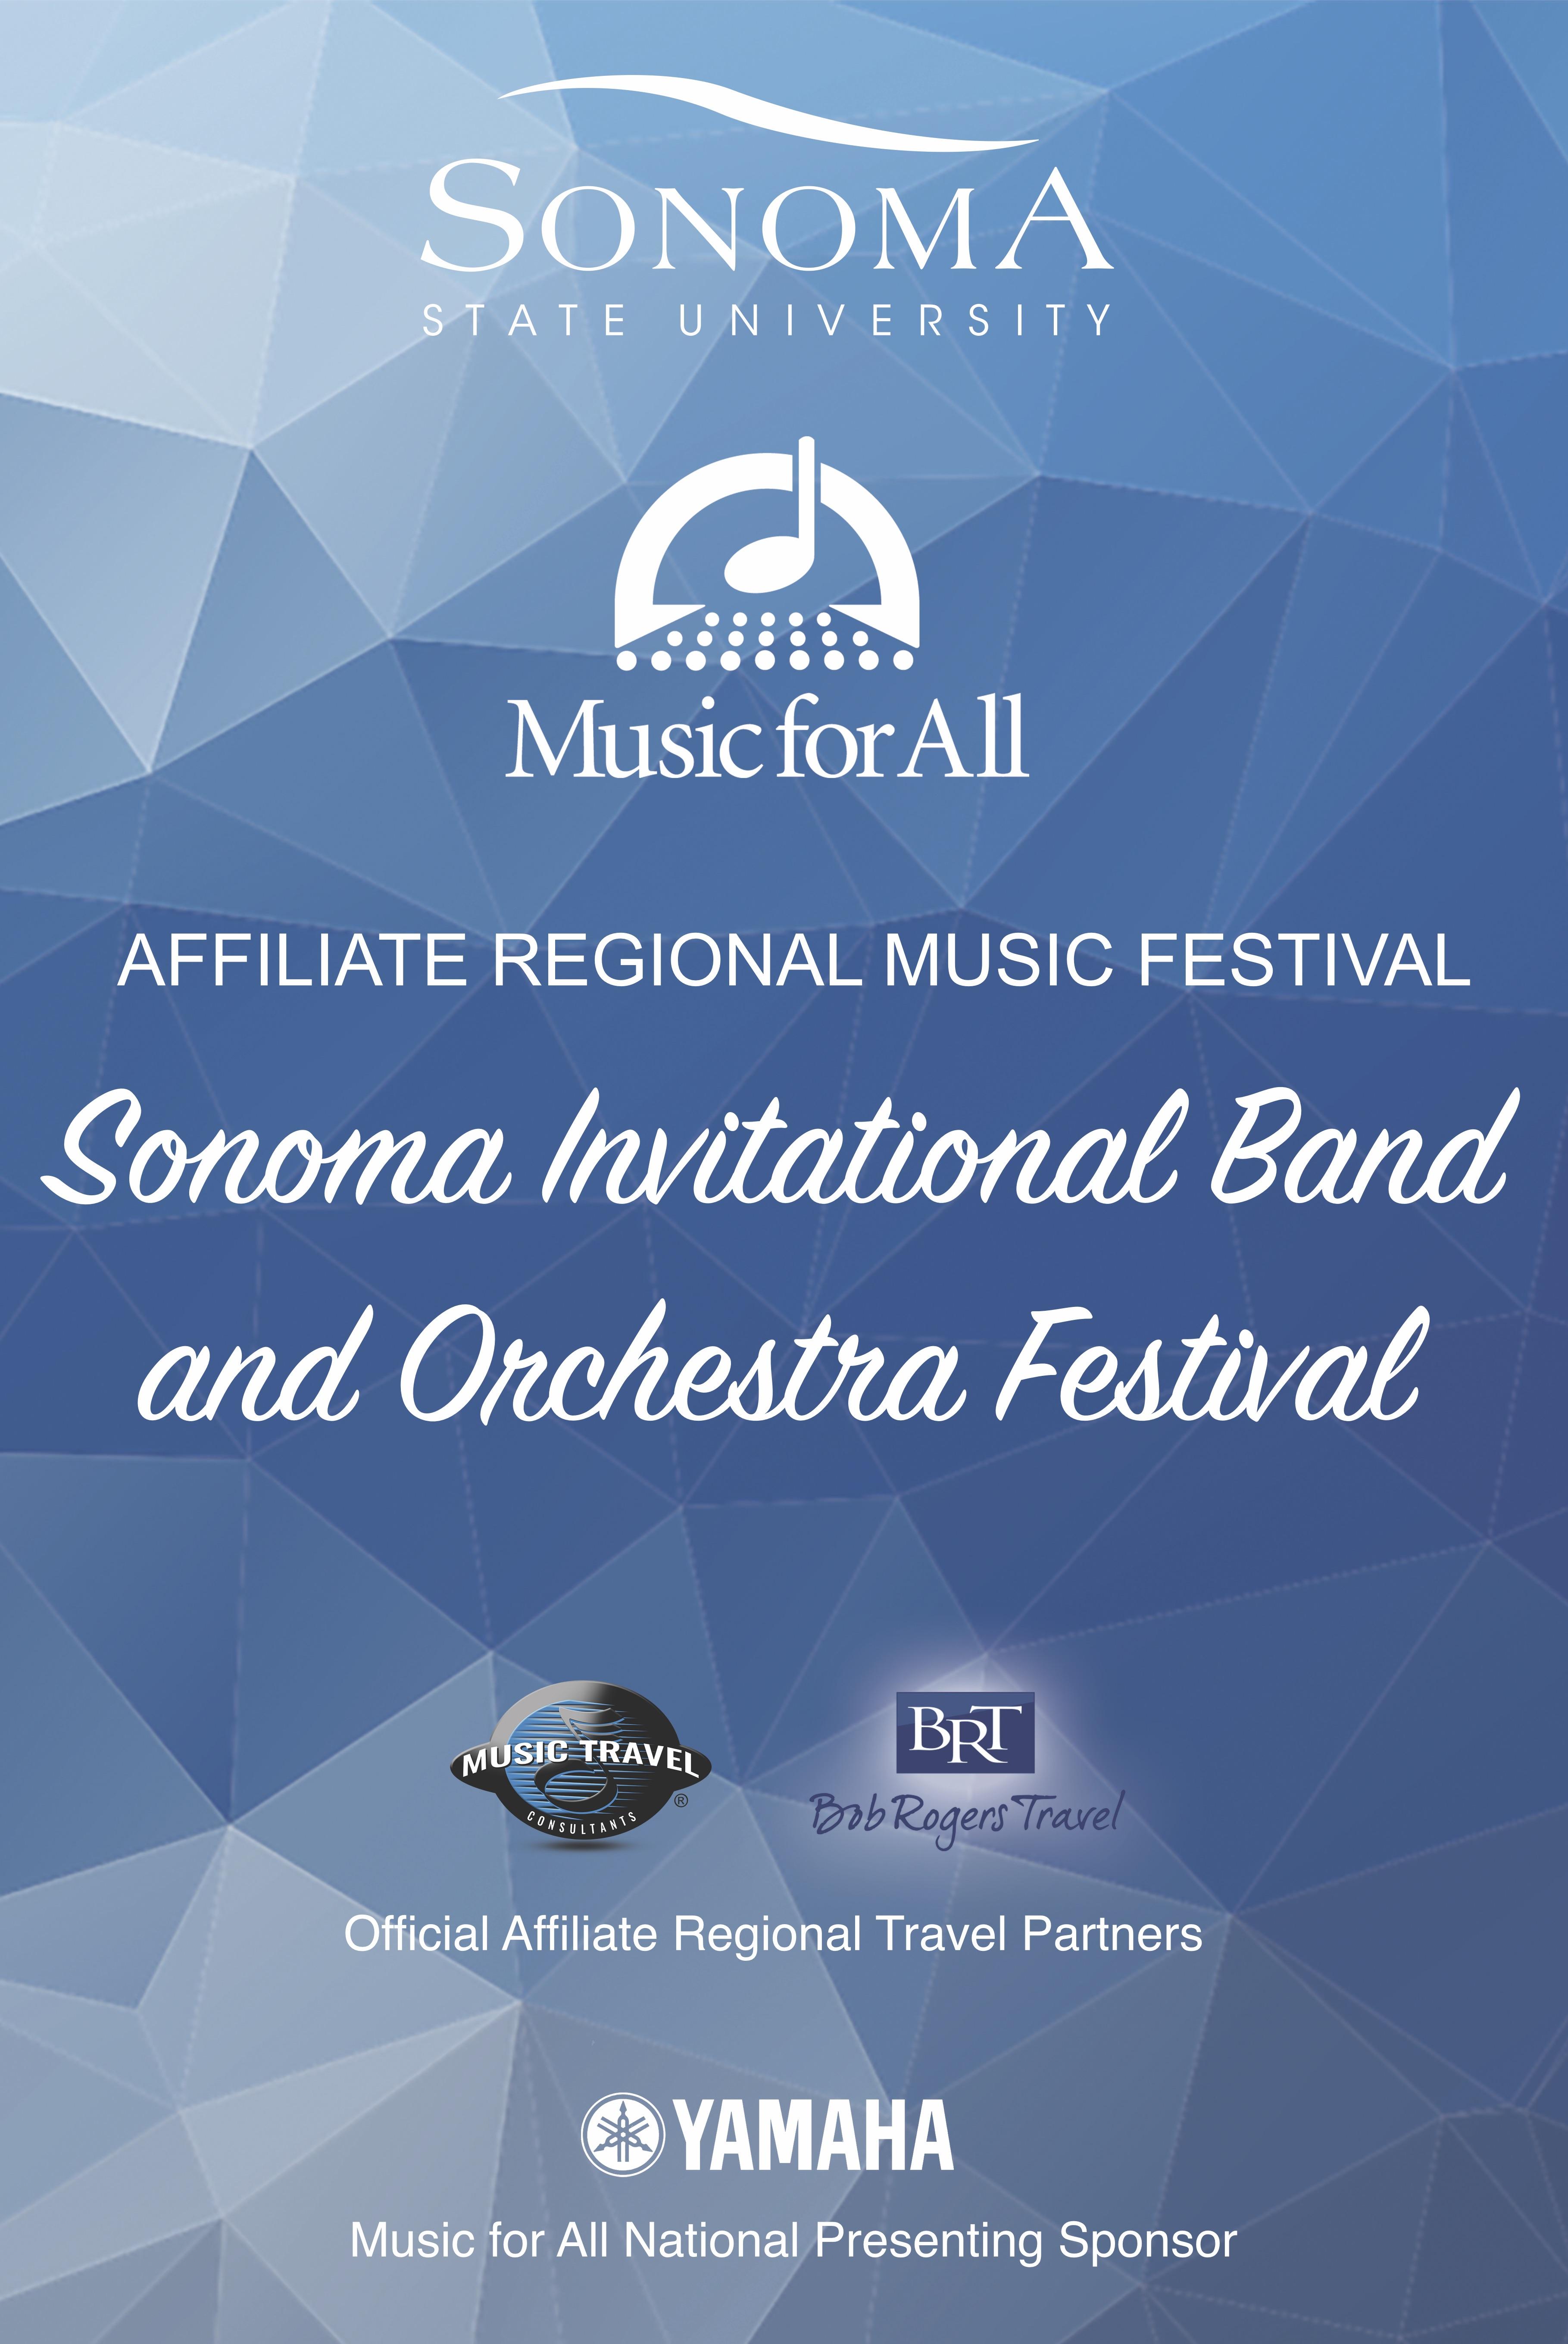 Sonoma Invitational Band and Orchestra Festival